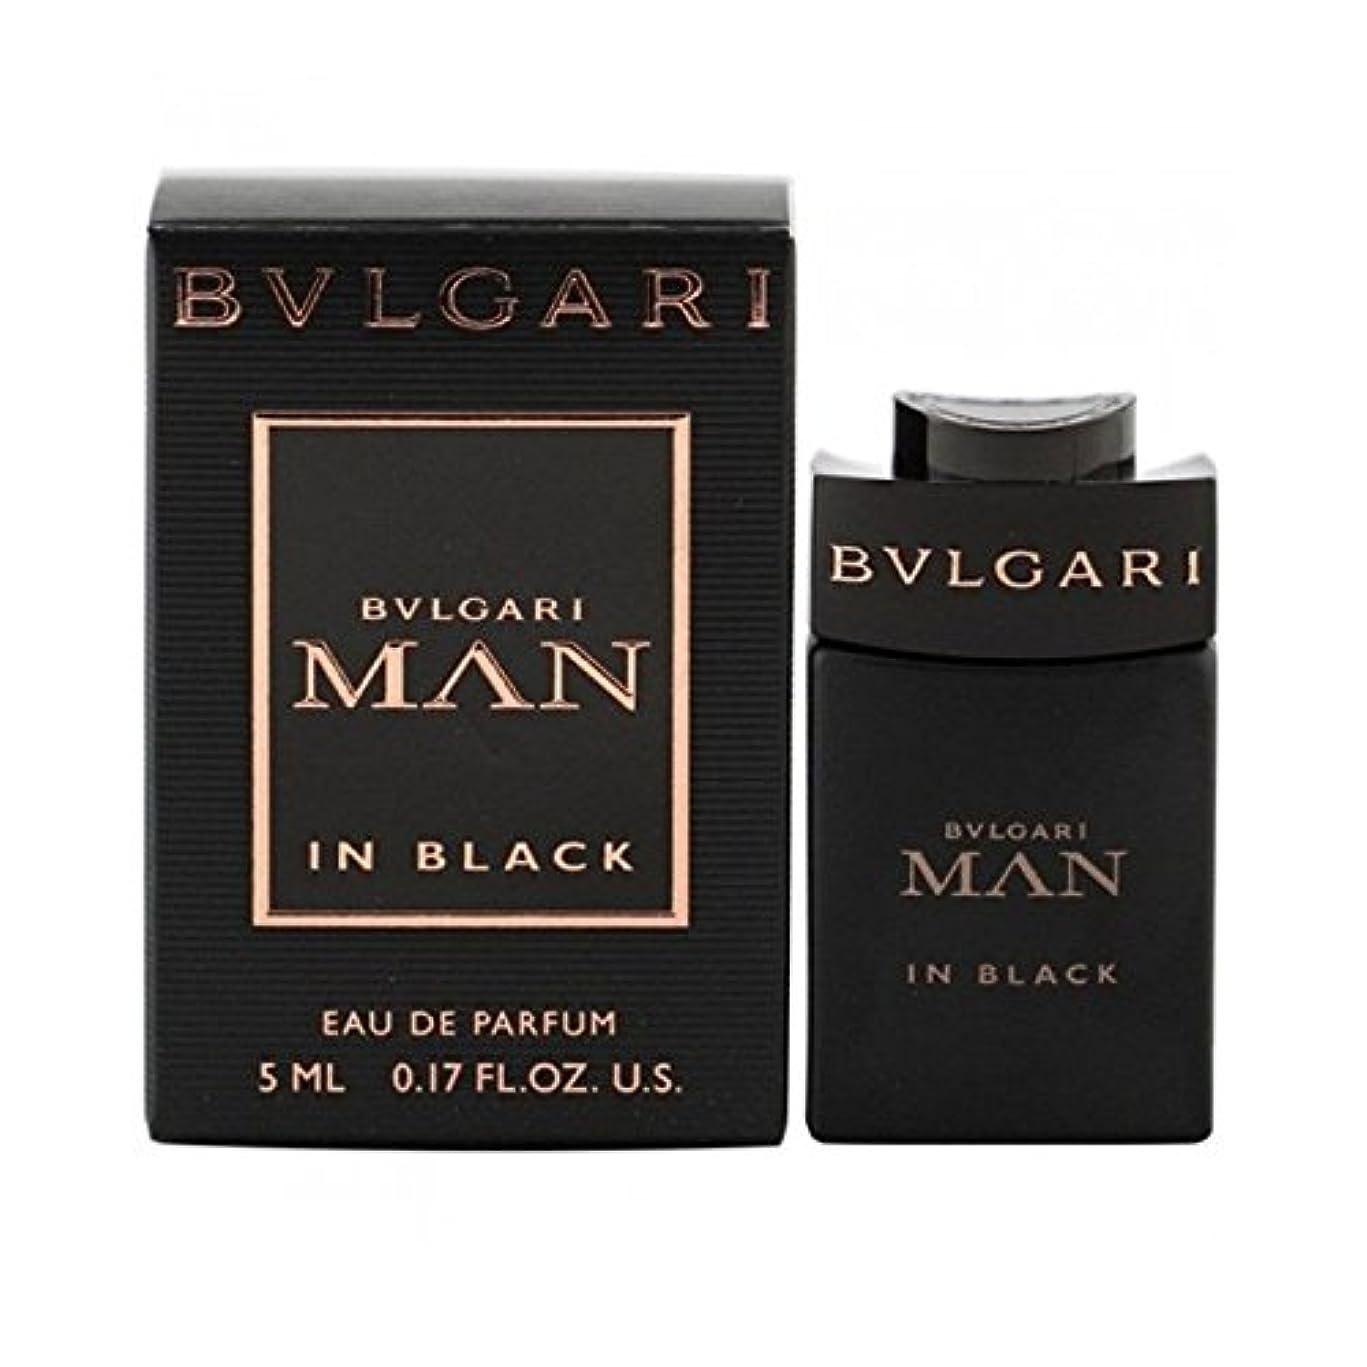 美容師累計悪化するブルガリ BVLGARI ブルガリ マン イン ブラック ミニボトル 5ml EDP オードパルファム